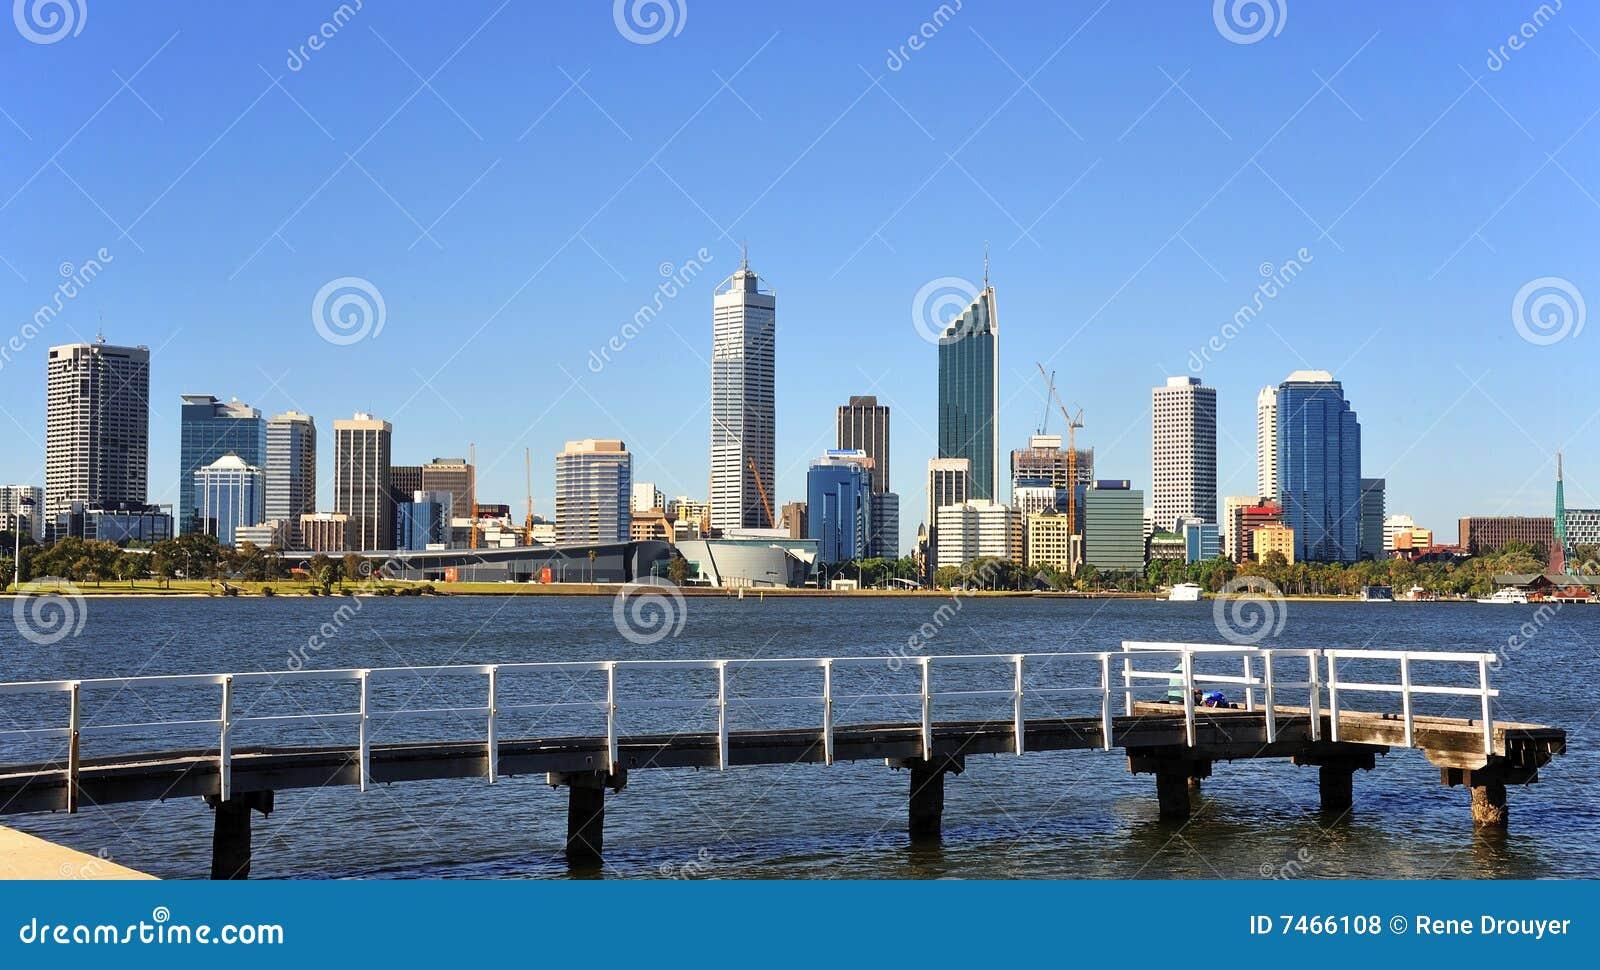 De Stad van Australië van het panorama van Perth